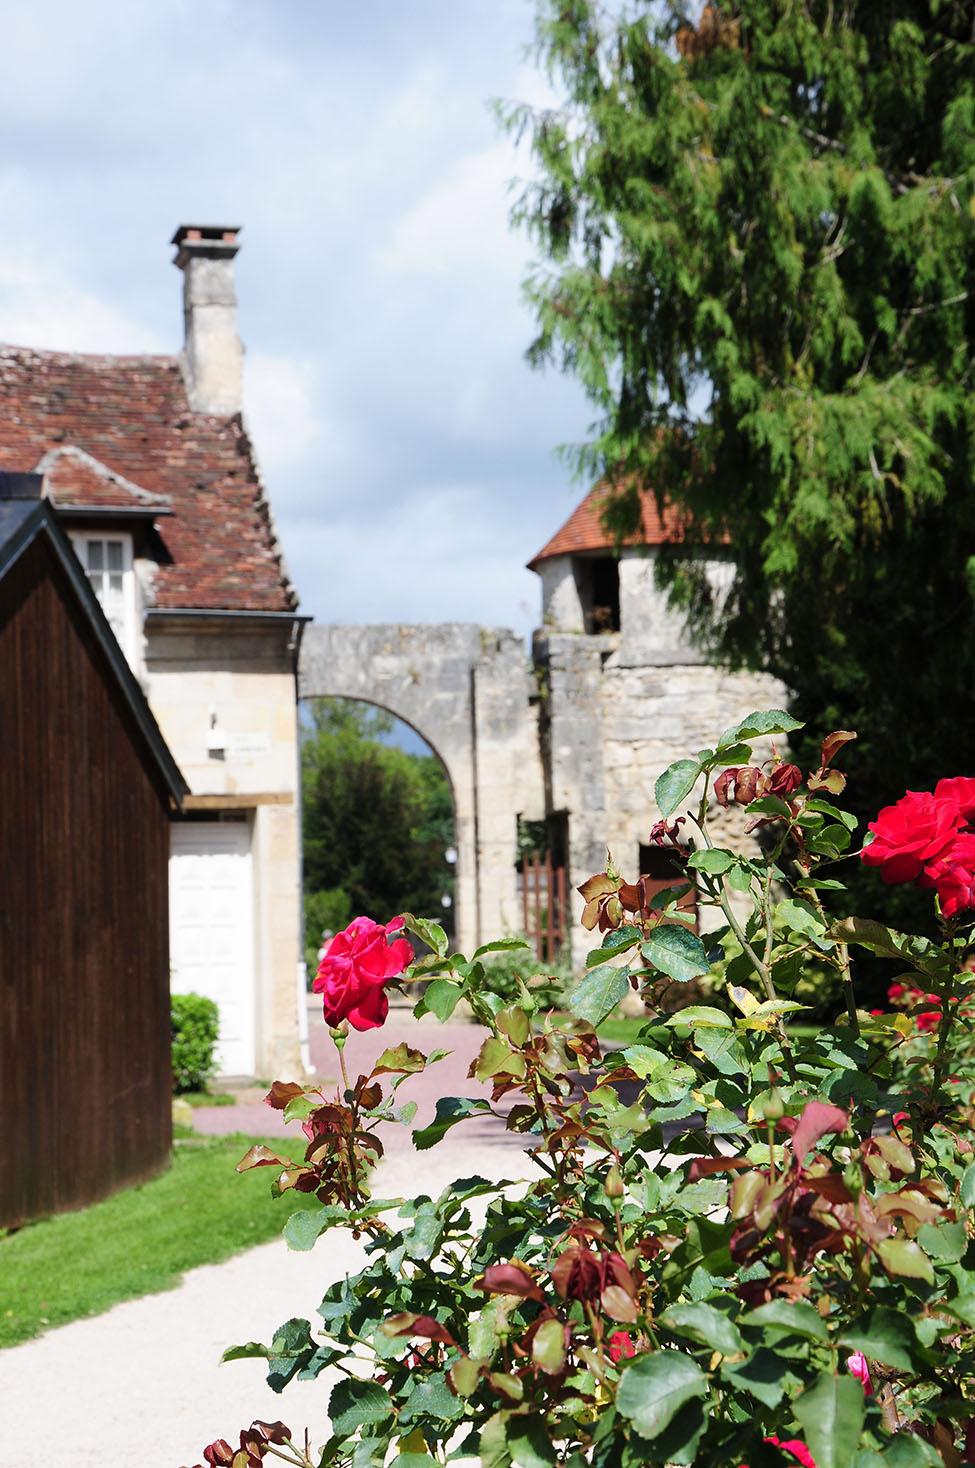 choses à faire dans l'Oise: visite de saint-jean-aux-bois